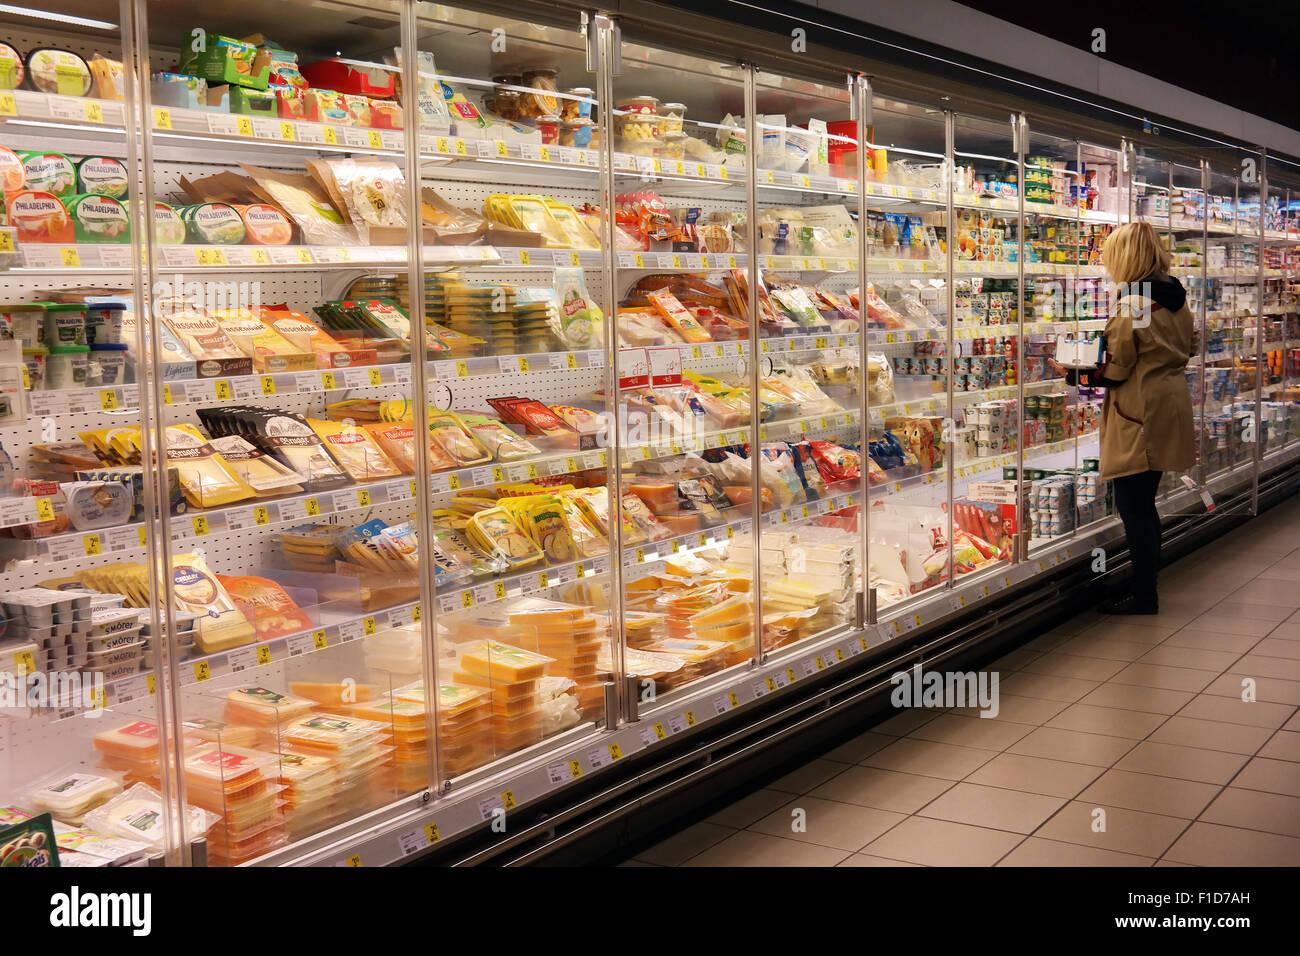 Shop assistant remplit les étagères du magasin dans l allée des produits  frais réfrigérés Photo f58eaf268dcc